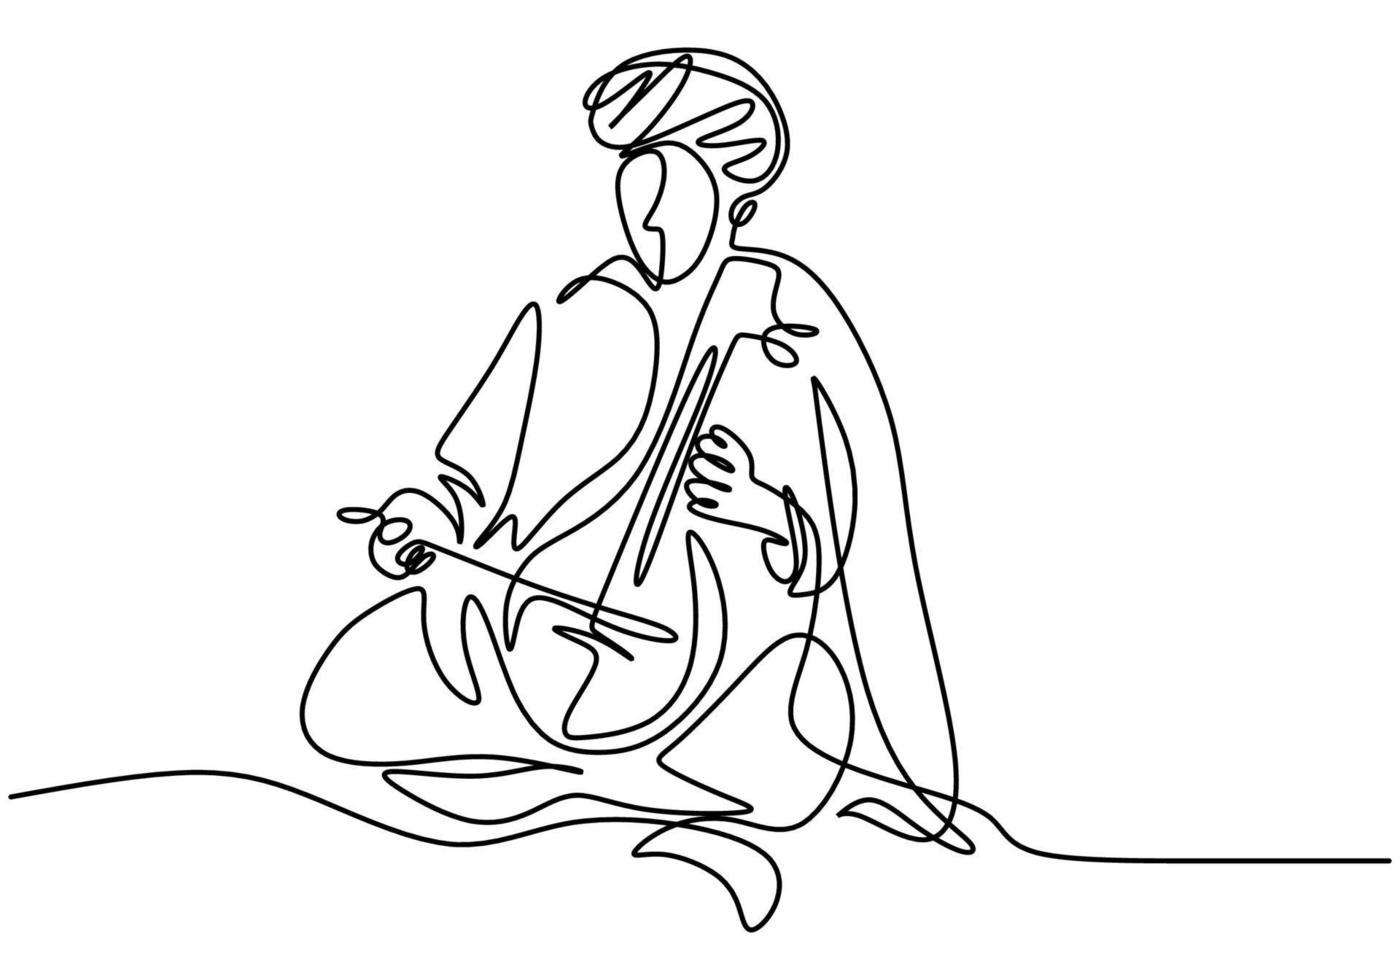 desenho de linha contínua de uma linda mulher tocando um instrumento musical pipa de quatro cordas. conceito de desempenho de música tradicional chinesa. vetor